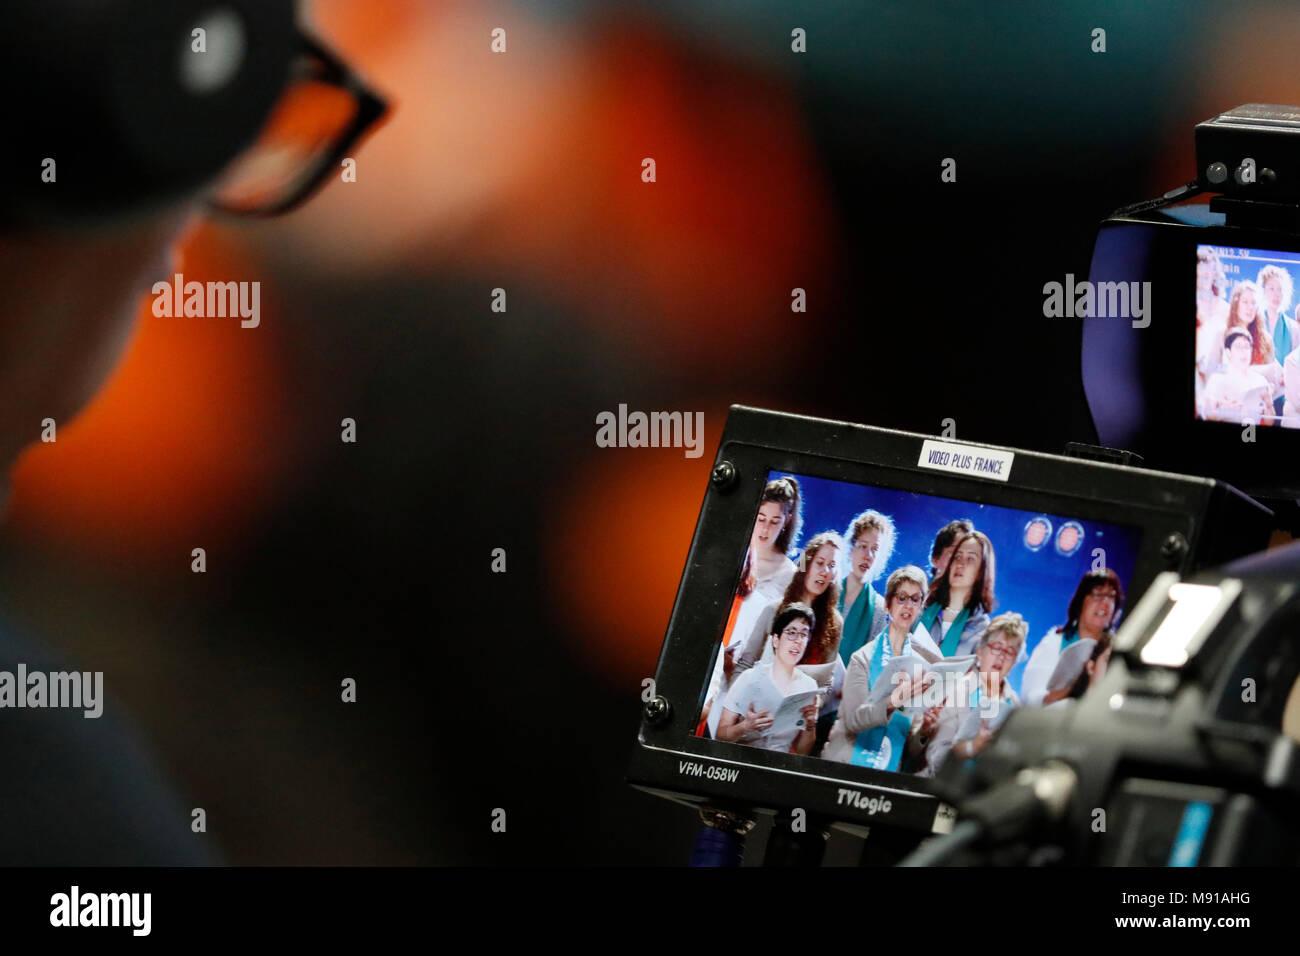 Celebración protestante en el Zenith de Estrasburgo. El monitor de la cámara. Estrasburgo. Francia. Imagen De Stock